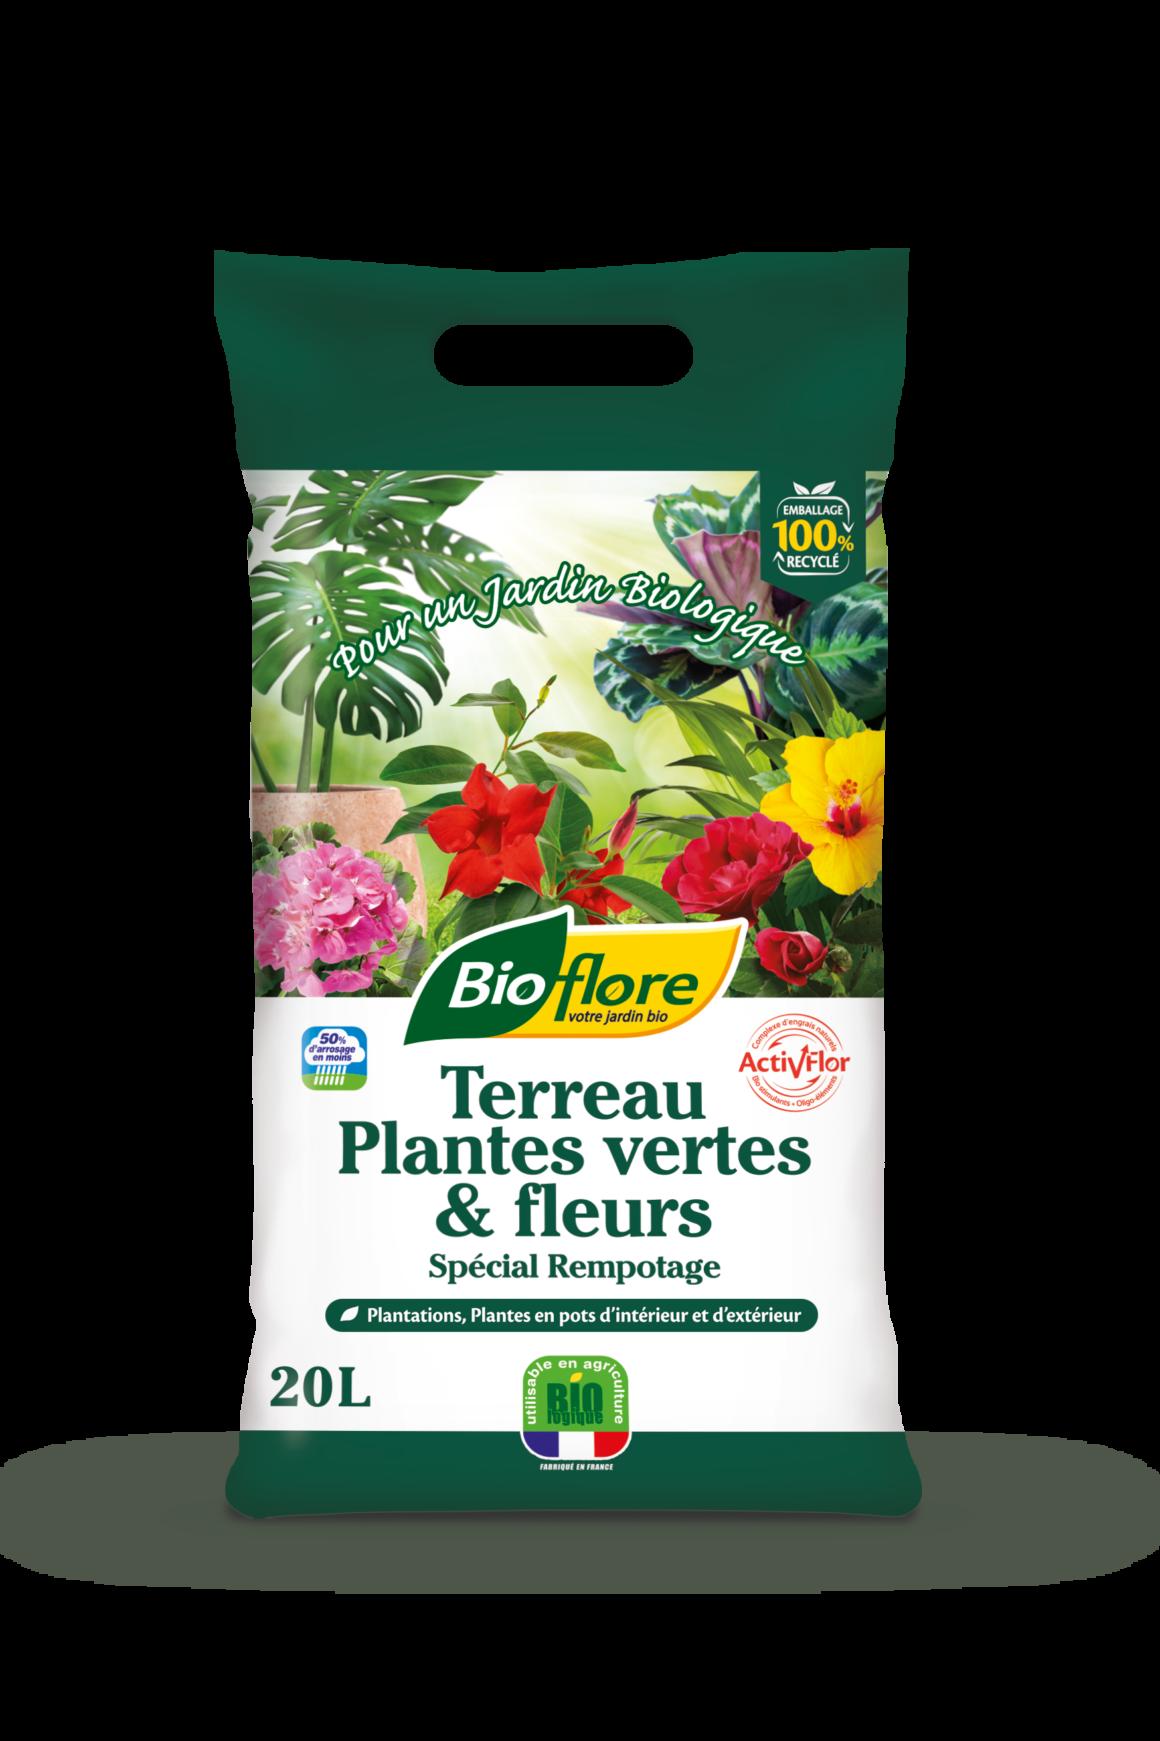 Terreau Plantes vertes & fleurs